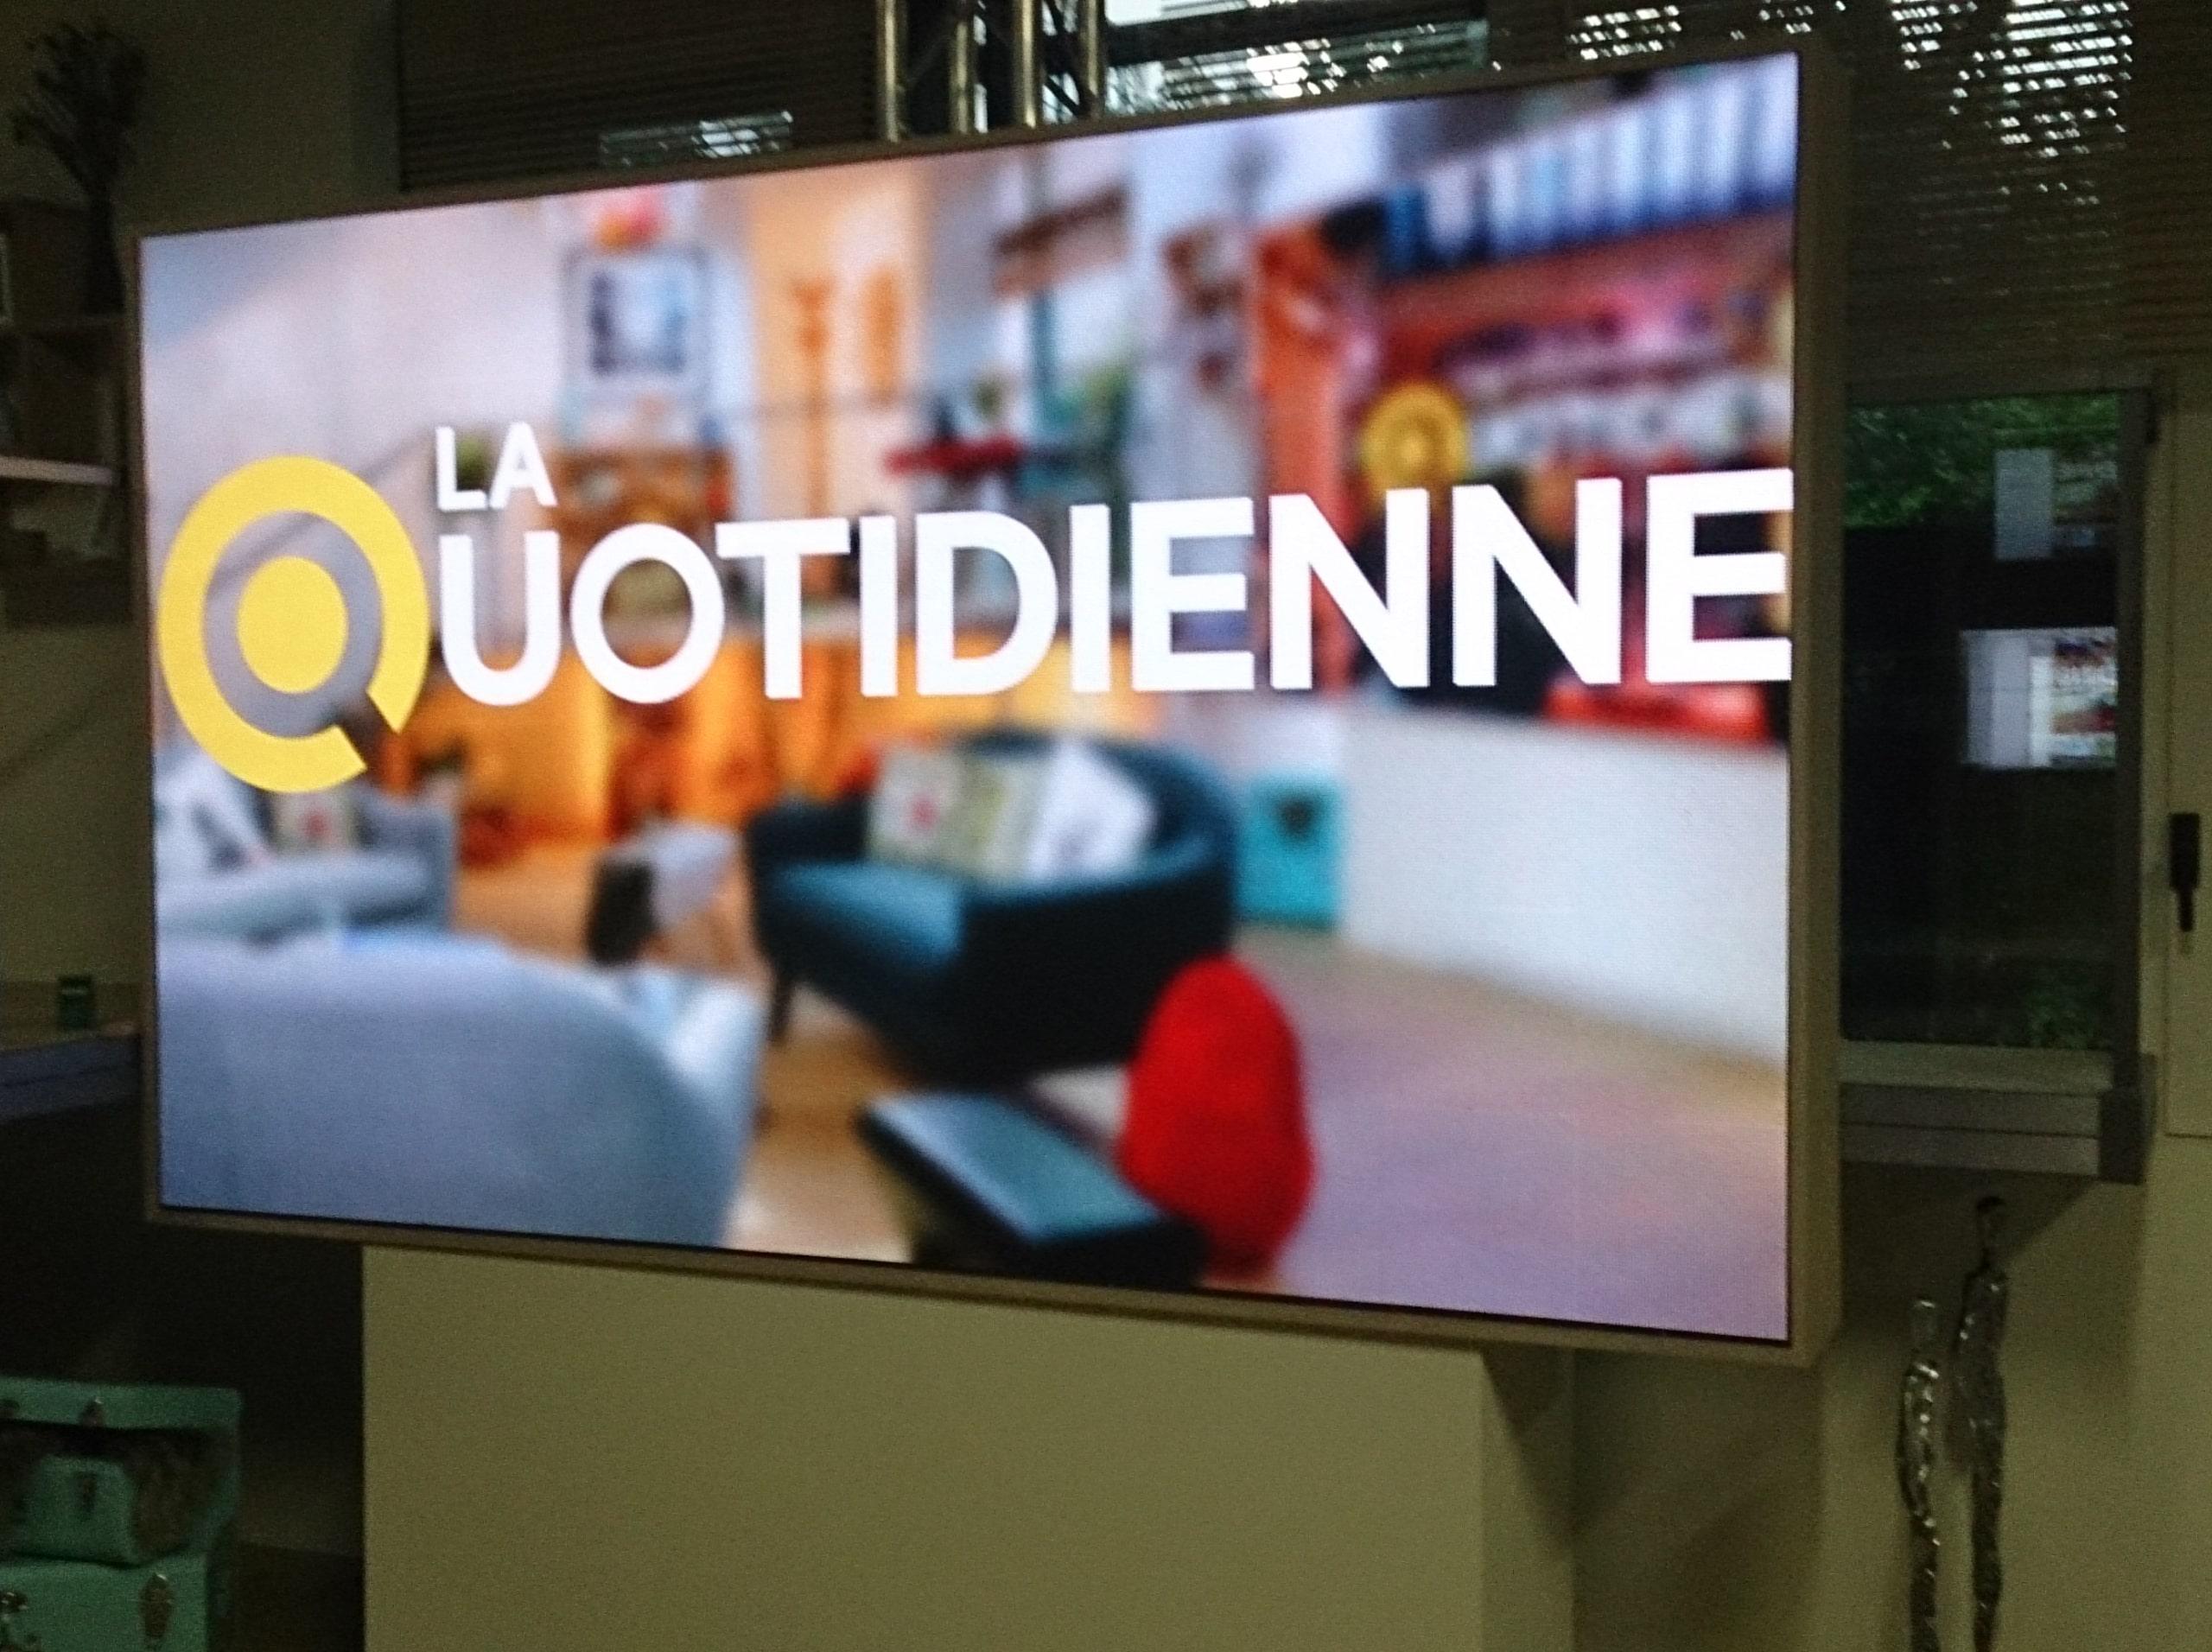 ecran LCD la quotidienne france 5